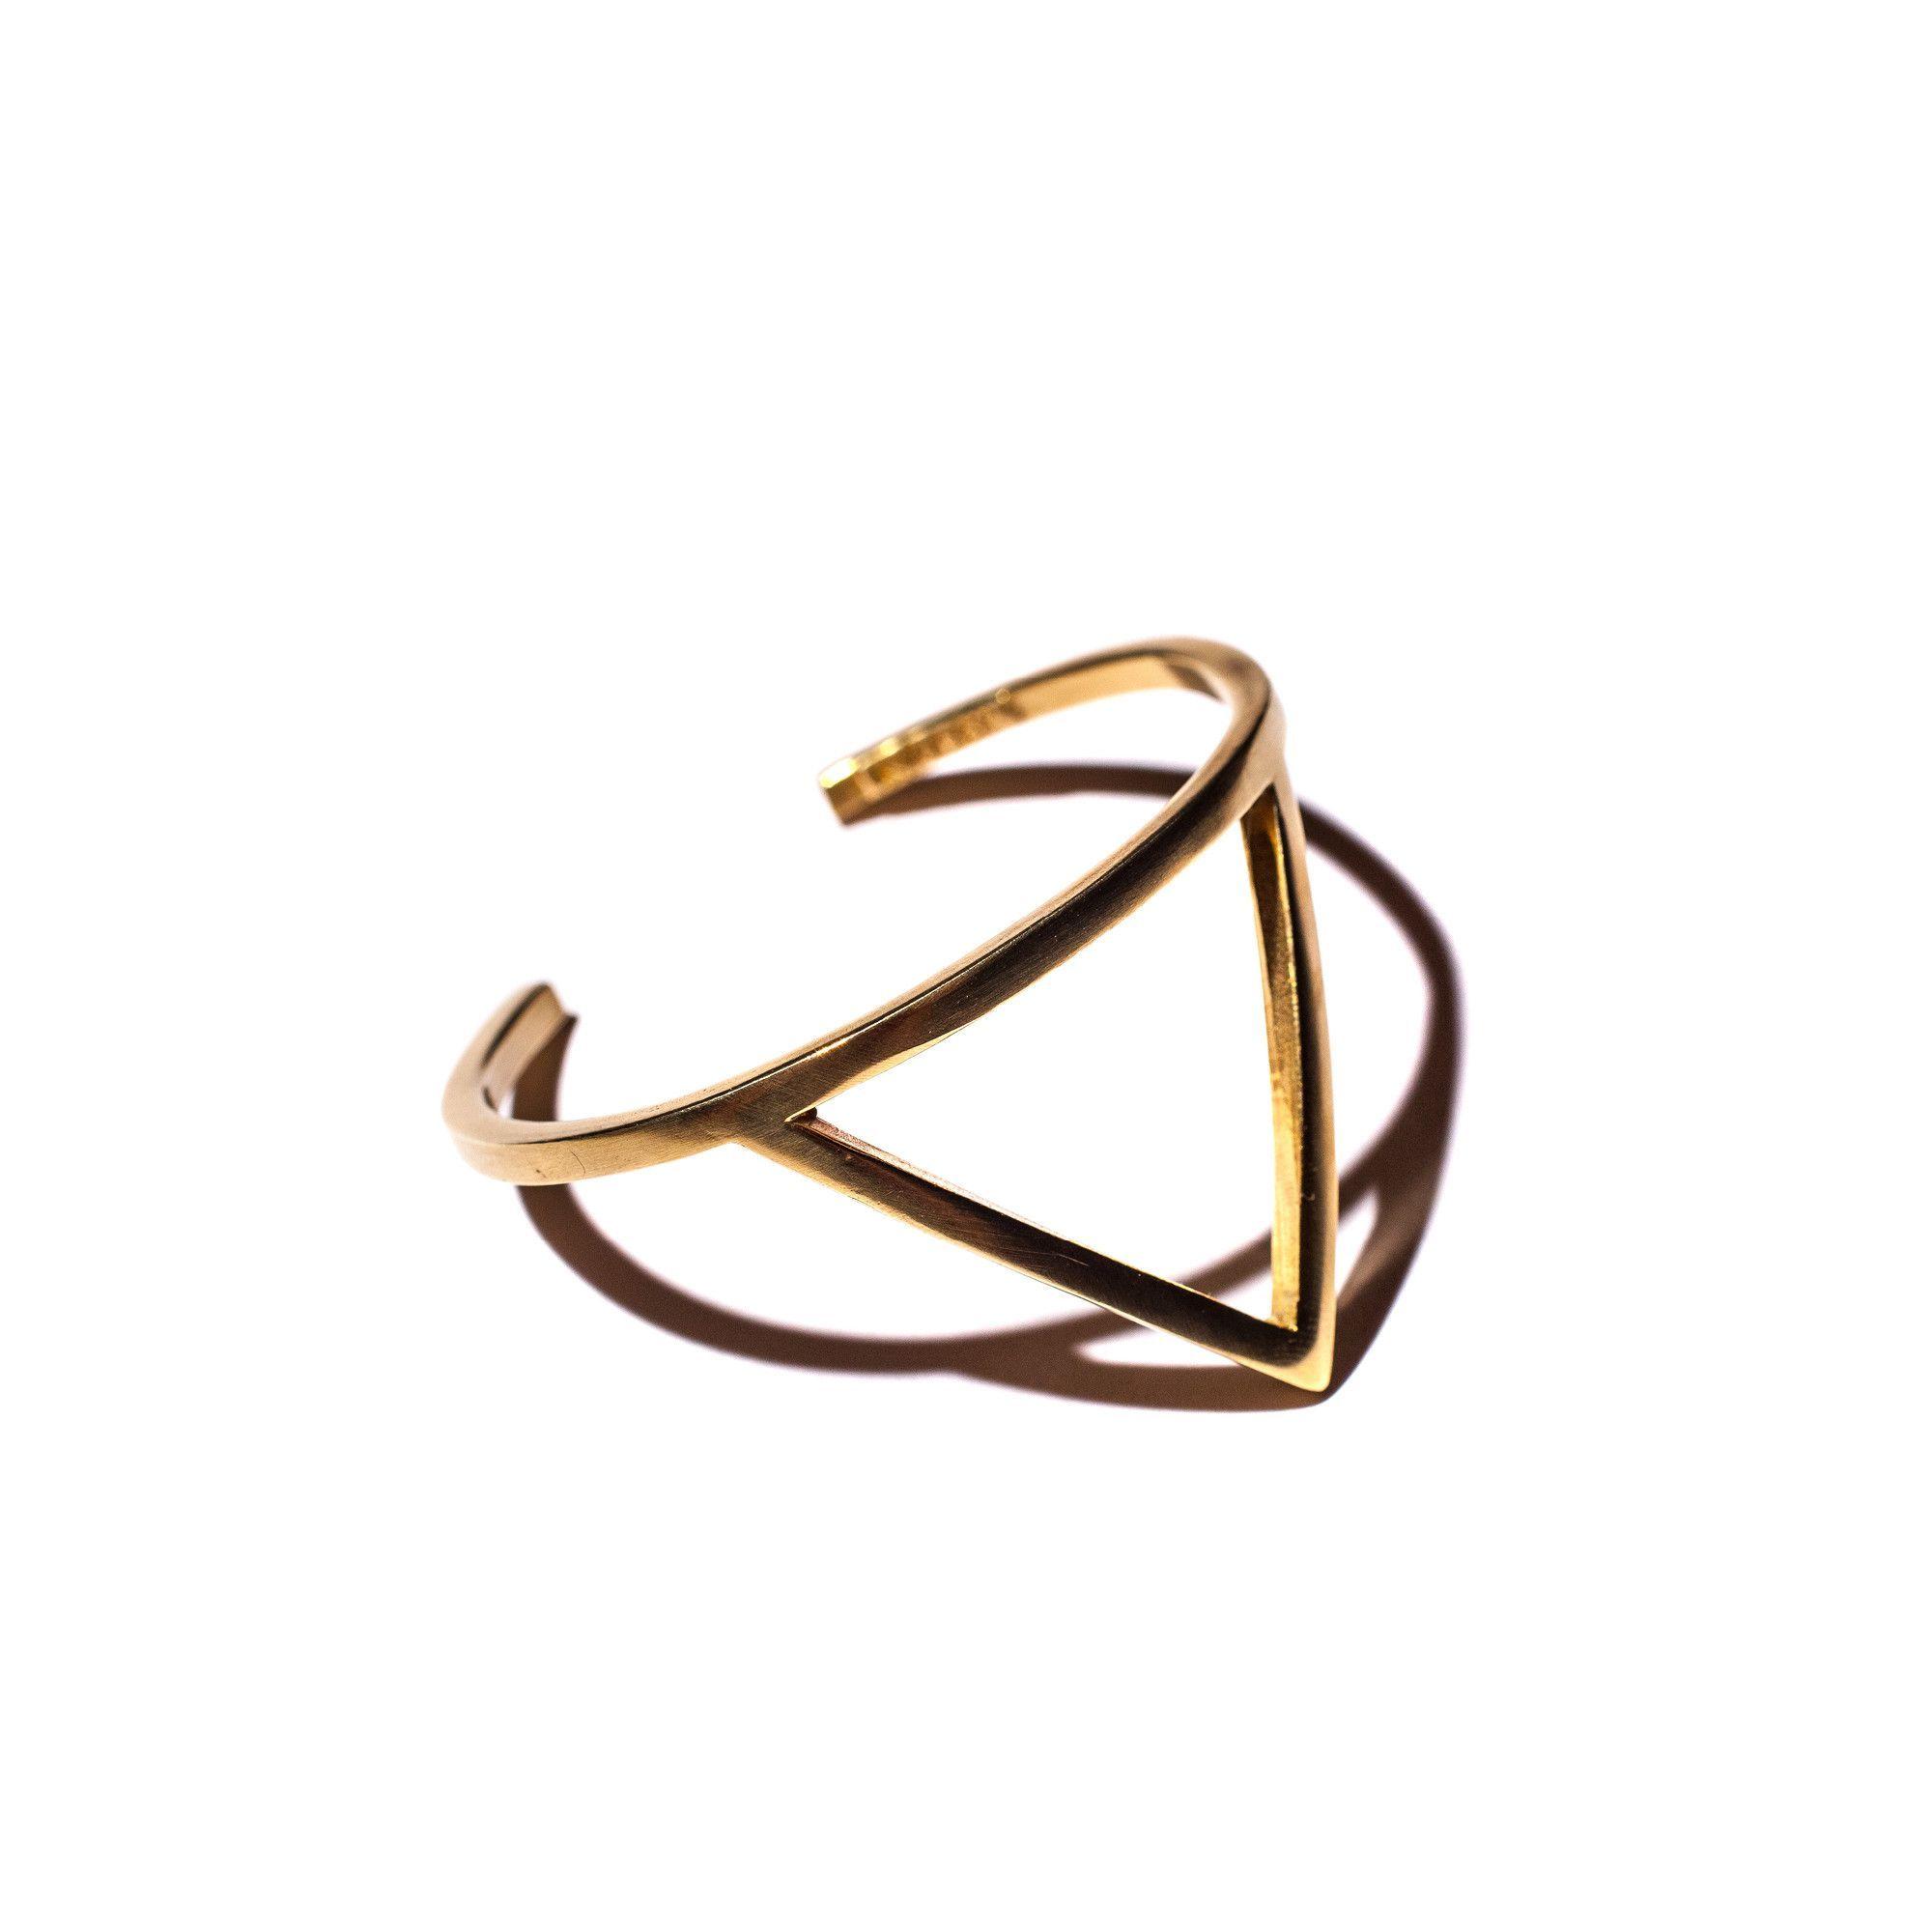 Triangle Cuff in Brass